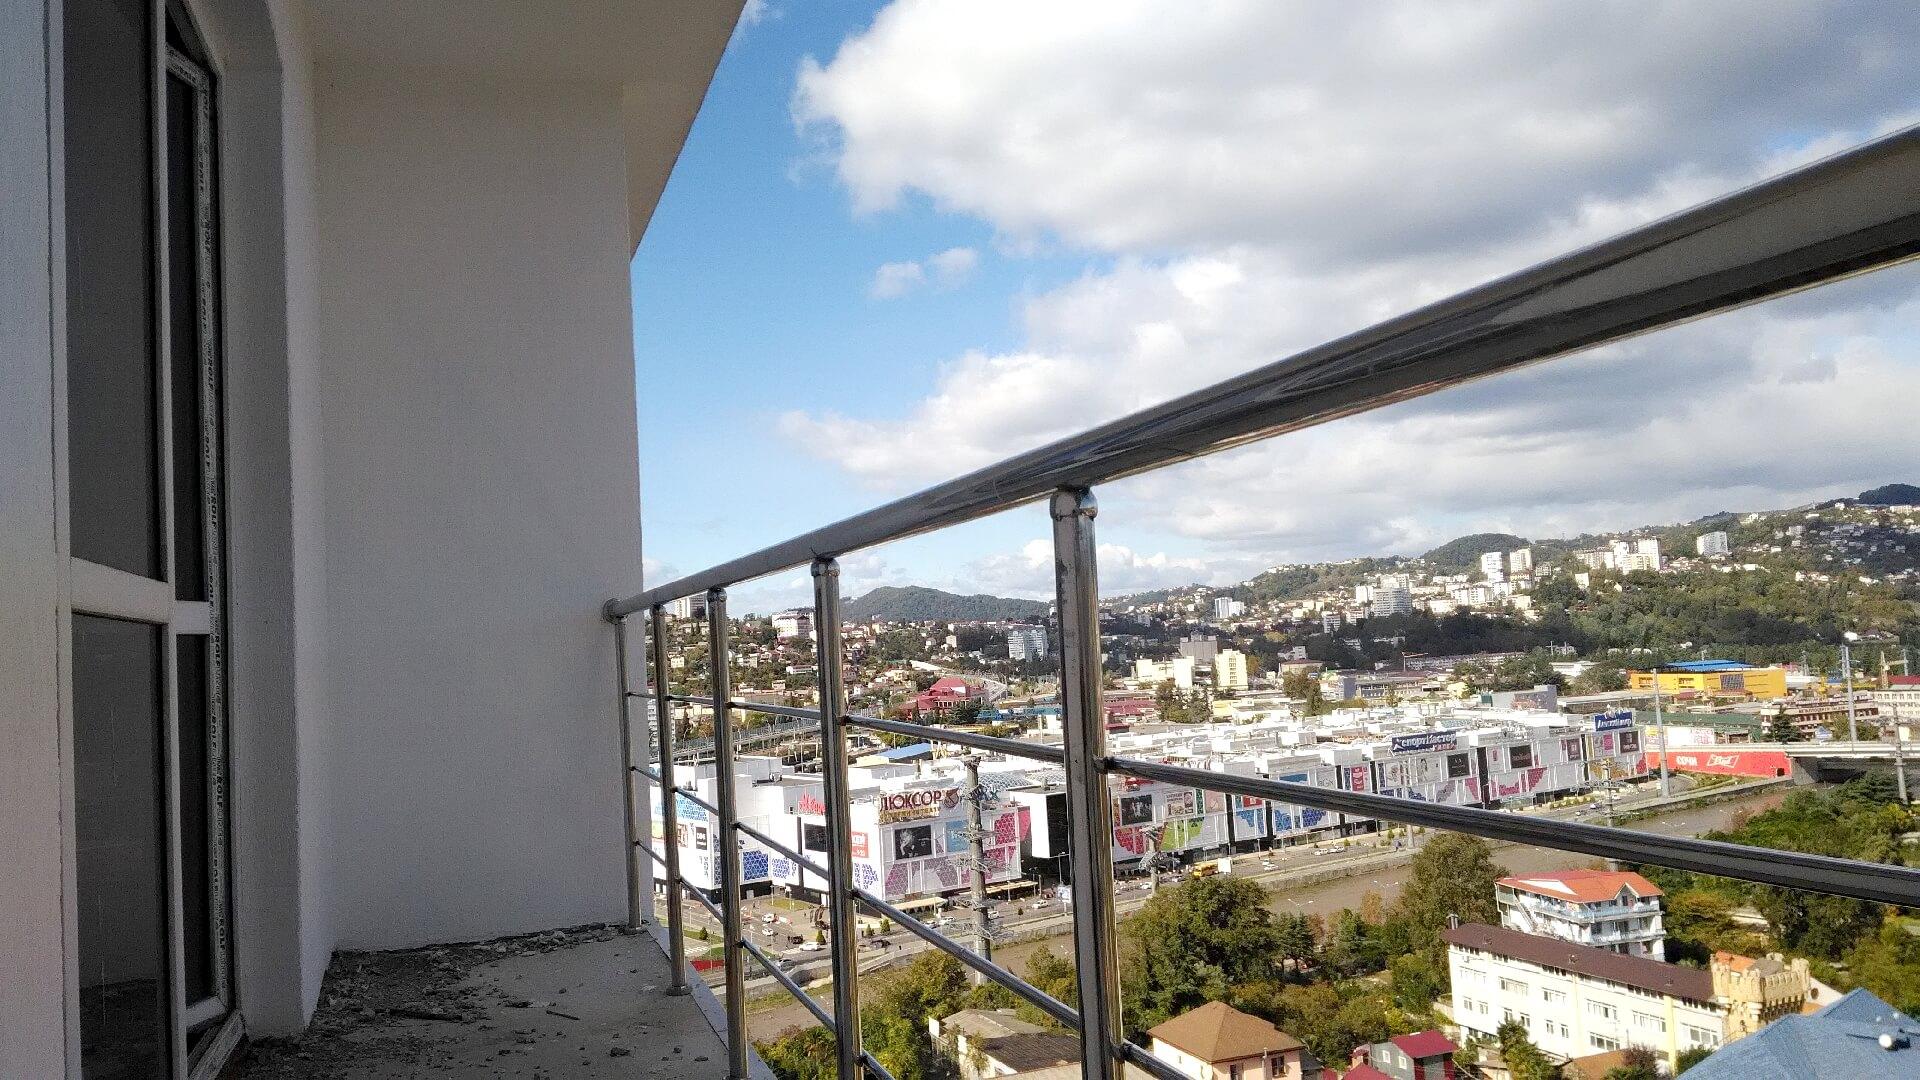 Продажа квартиры-студии в ЖСК Альпика + (43,4 м²)